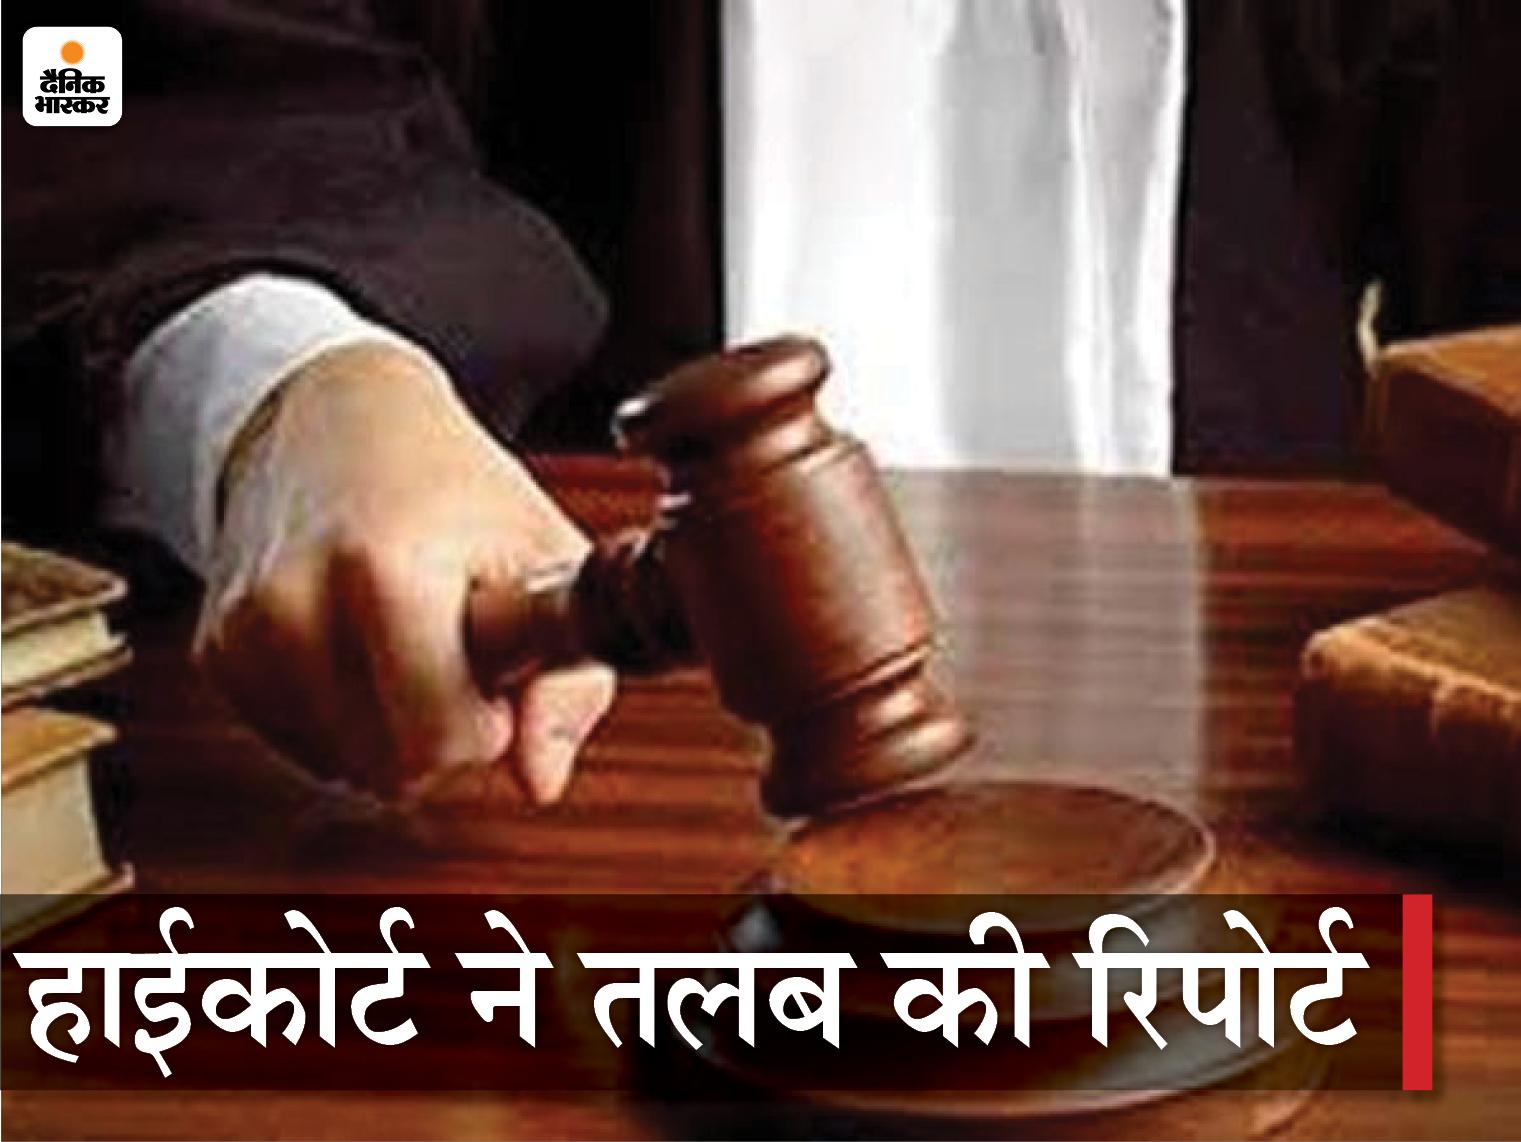 केंद्र व राज्य सरकार को ऑक्सीजन, रेमडेसिविर उपलब्धता सुनिश्चित करने के लिए रोडमैप पेश करने को कहा, अगली सुनवाई छह को जोधपुर,Jodhpur - Dainik Bhaskar